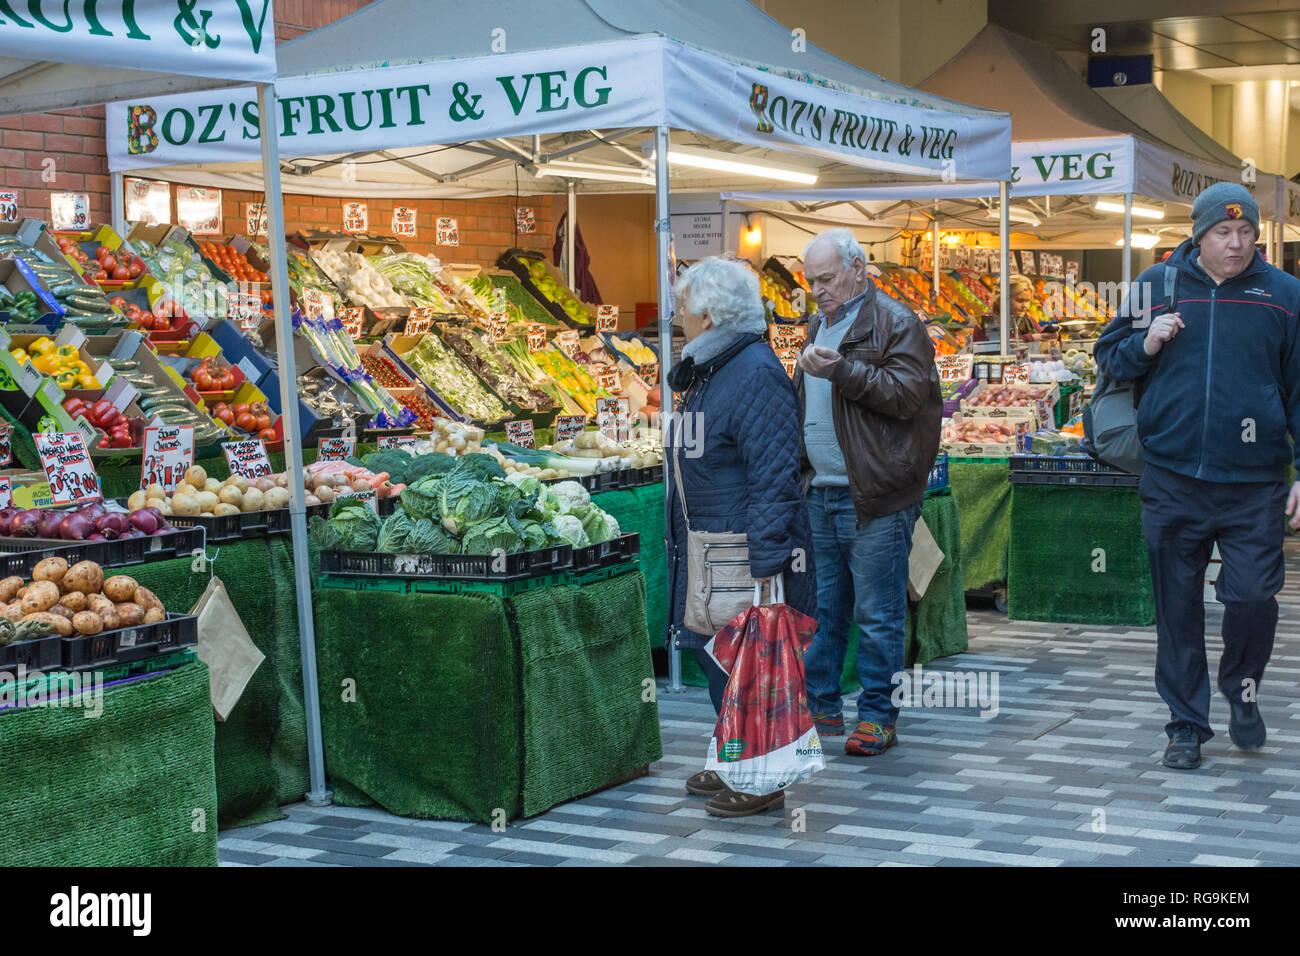 Obst- und Gemüsemarkt in Marktstand in Woking Stadtzentrum entfernt, Surrey, UK, mit Leute einkaufen. Alltag. Stockbild